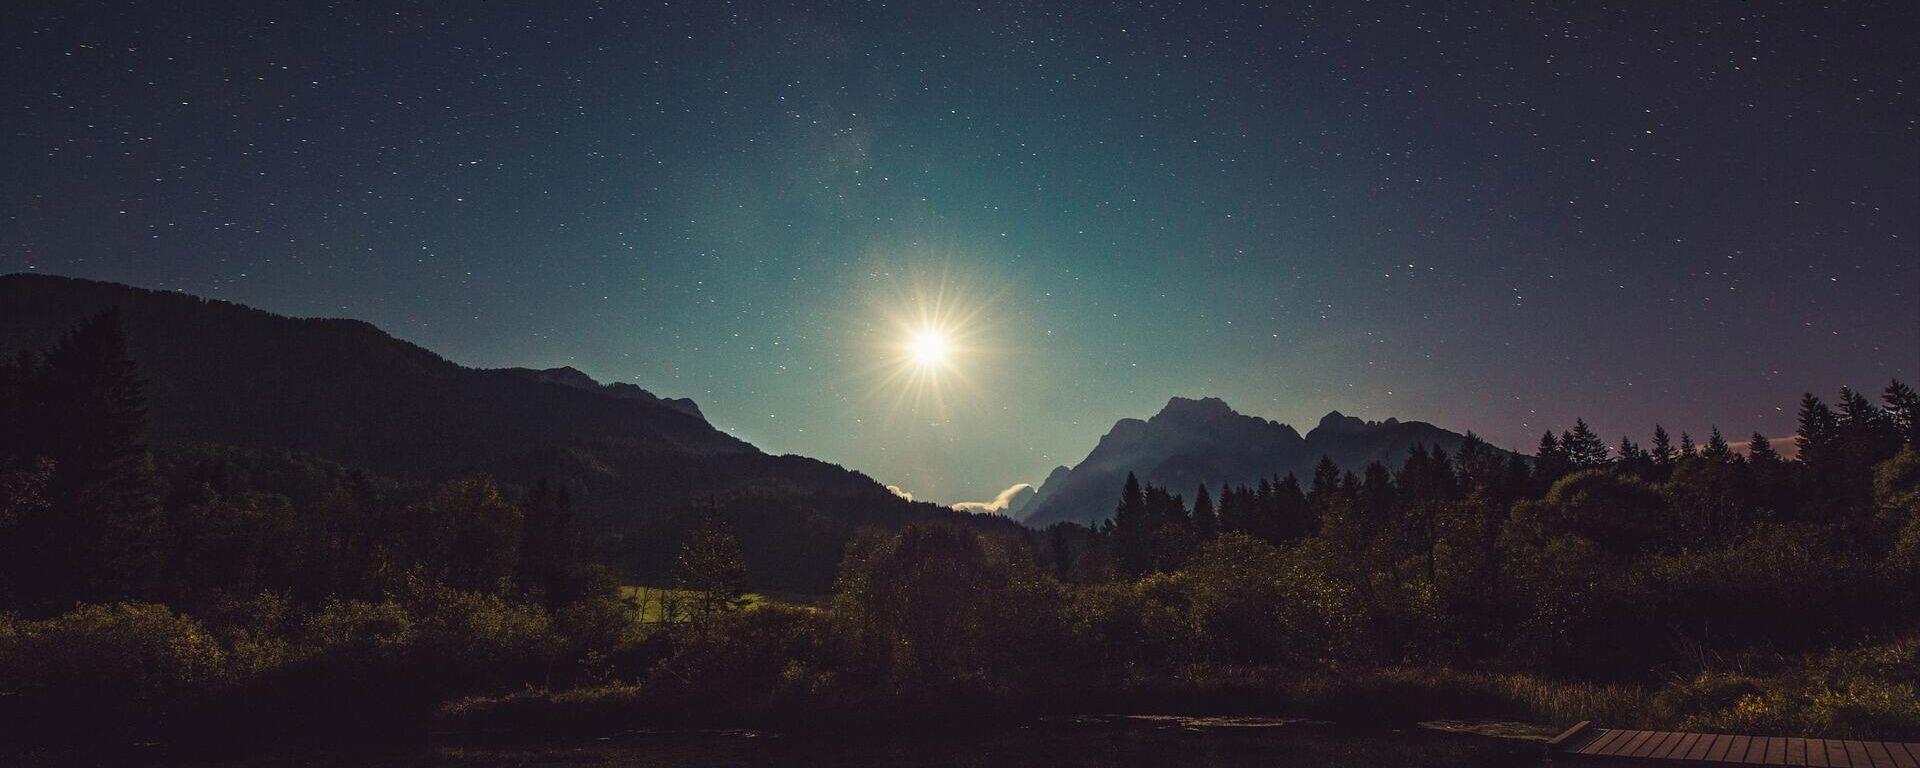 Sjajna zvezda na noćnom nebu - Sputnik Srbija, 1920, 20.09.2021